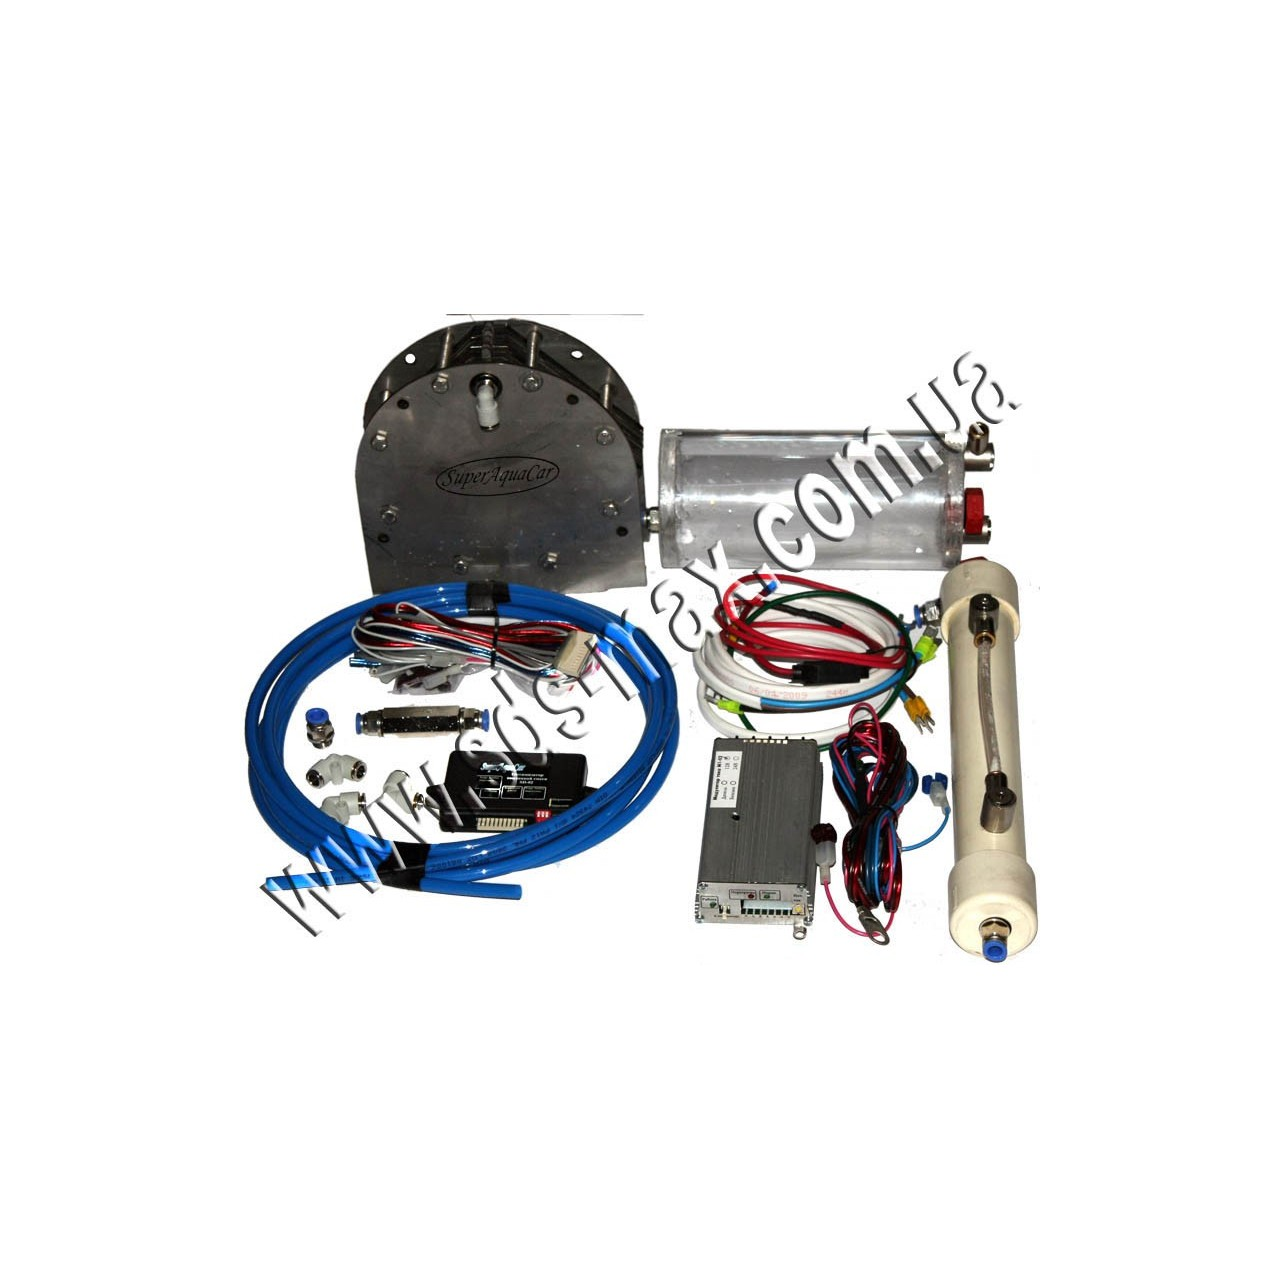 Hho Generator For Cars >> HHO system generator - Экономичные Технологии